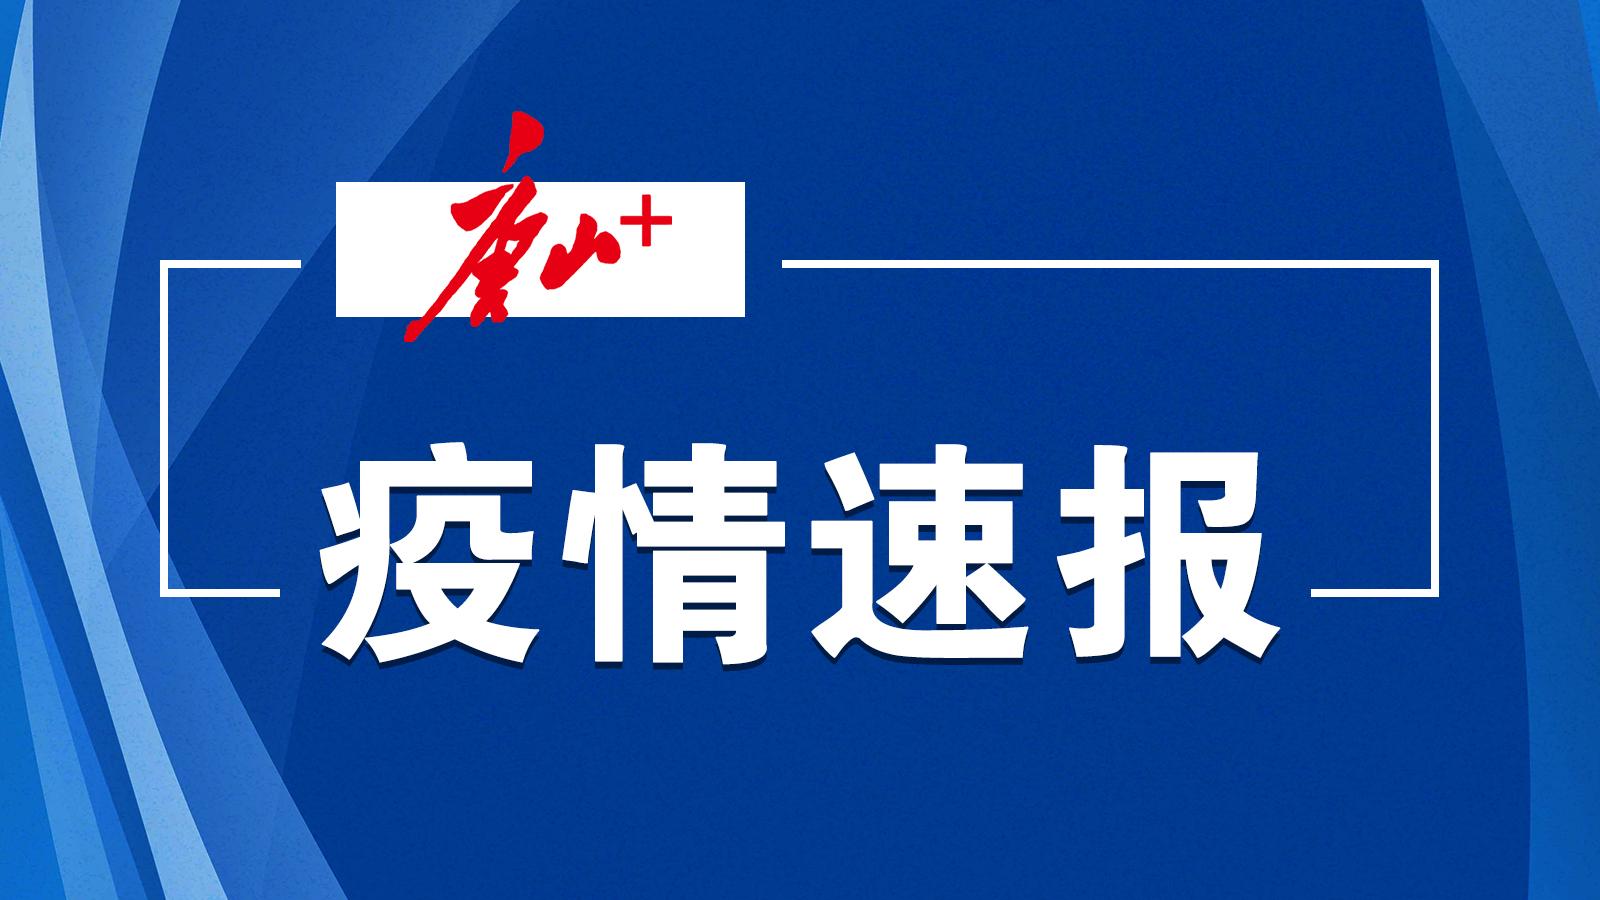 9月17日河北无新增确诊病例